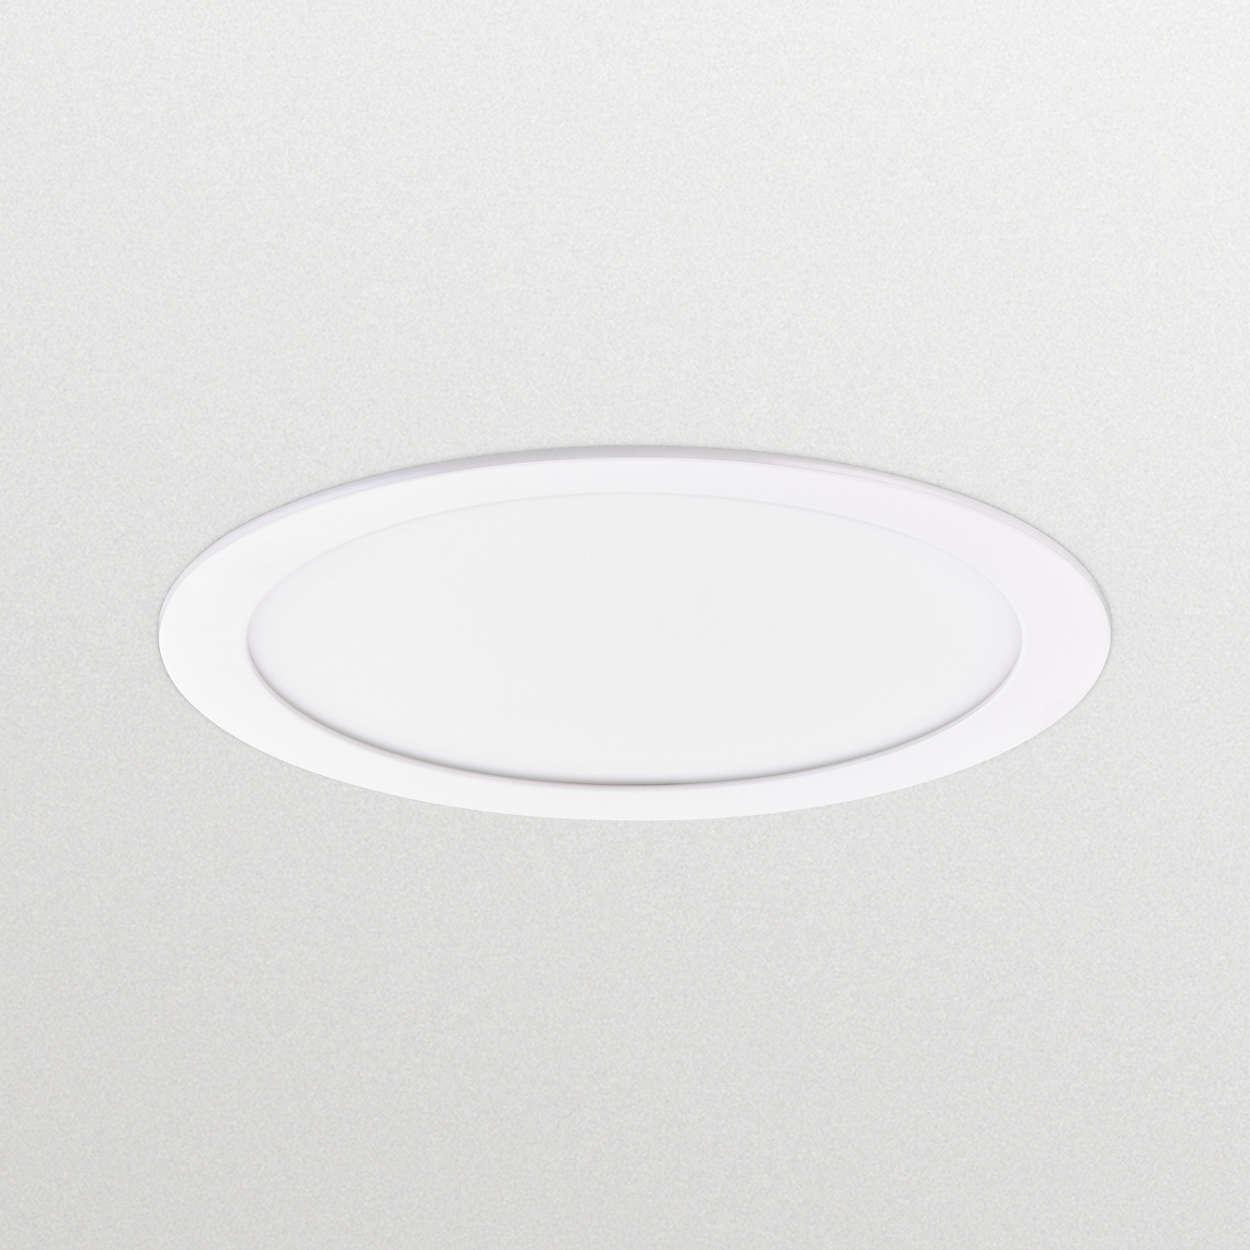 CoreLine SlimDownlight - oчевидный выбор в пользу светодиодов